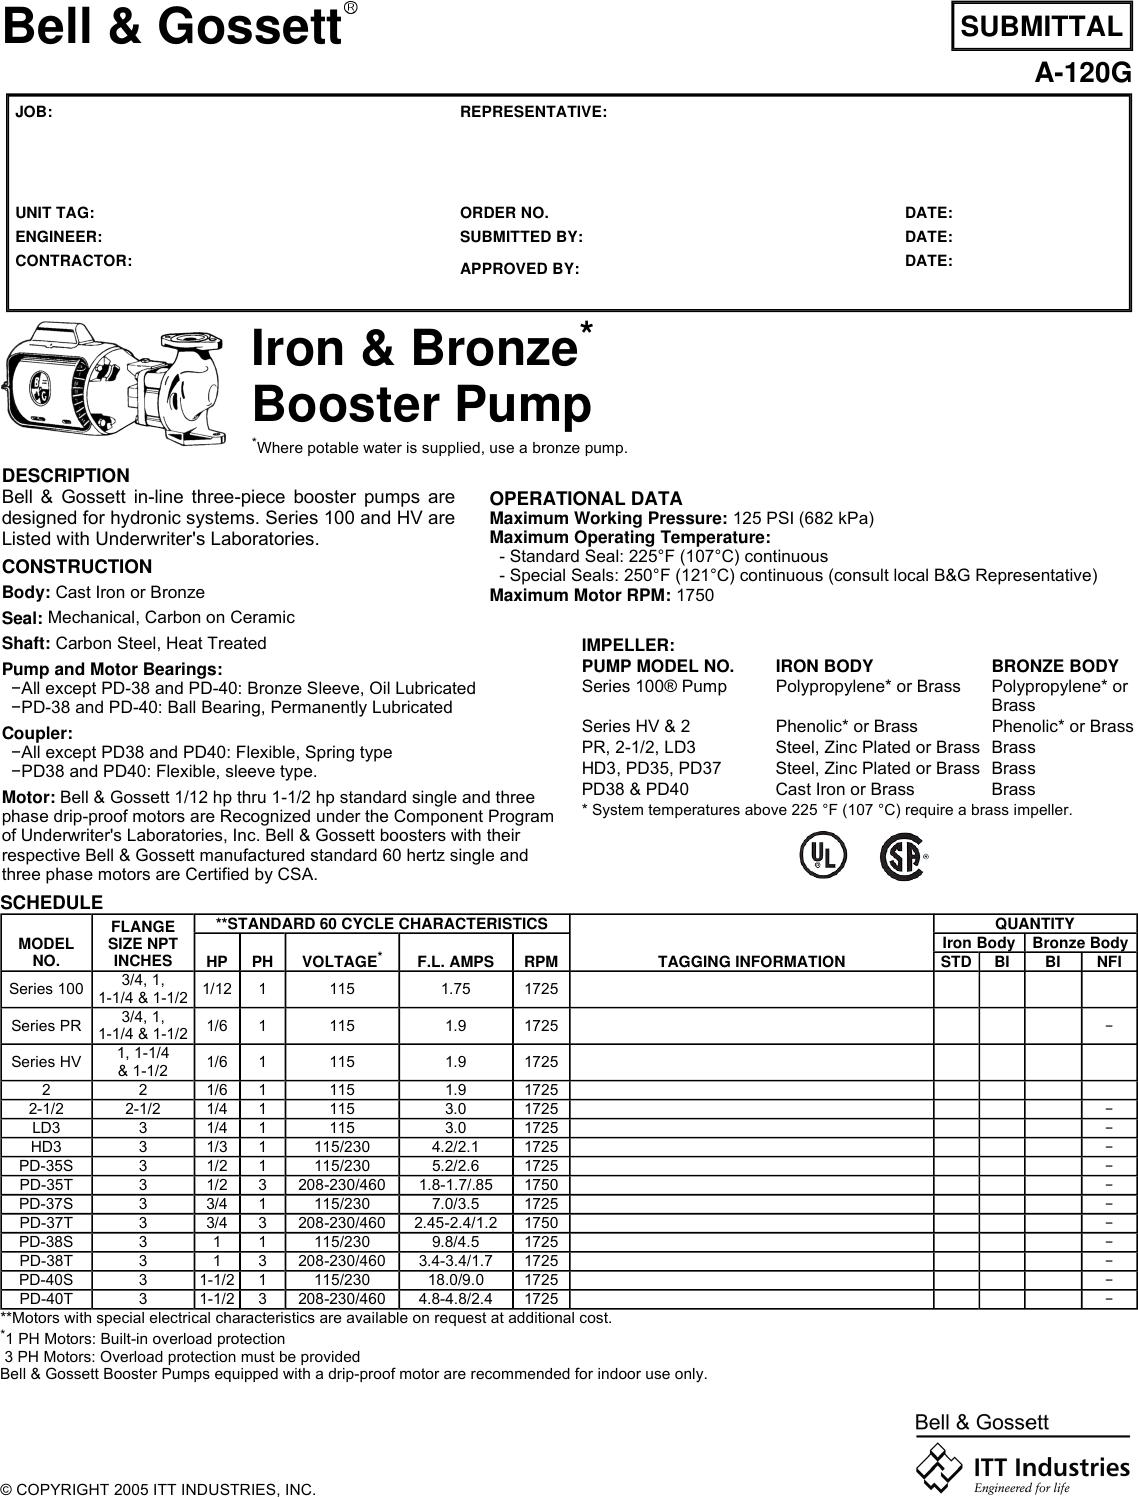 10327 1 B&G 105101 Brochure S User Manual